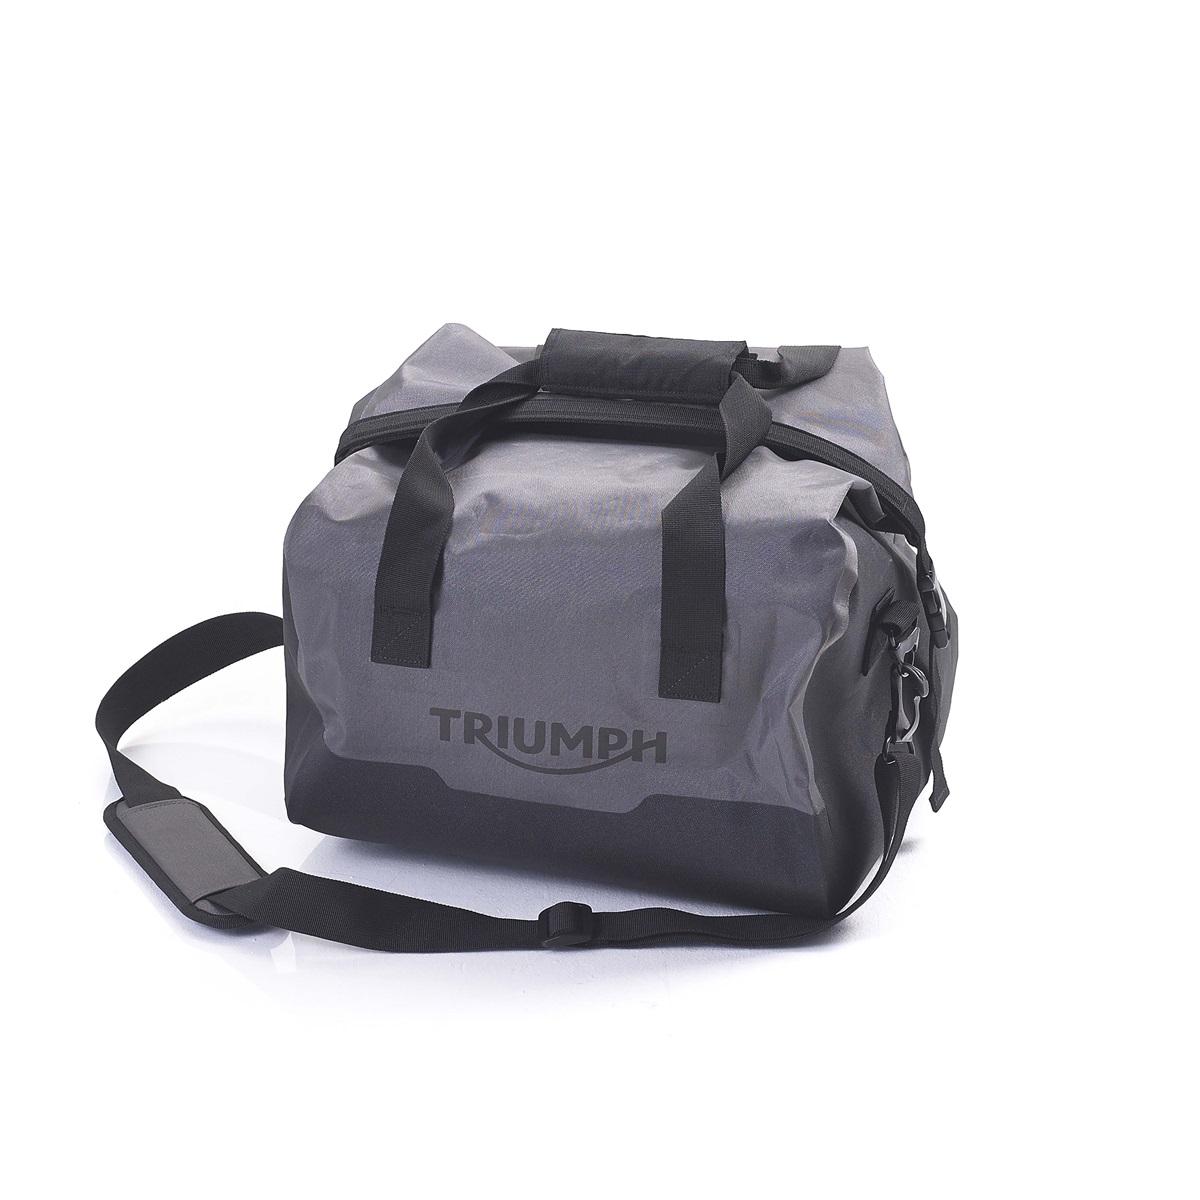 Triumph Expedition Aluminium Top Box - Waterproof Inner Bag